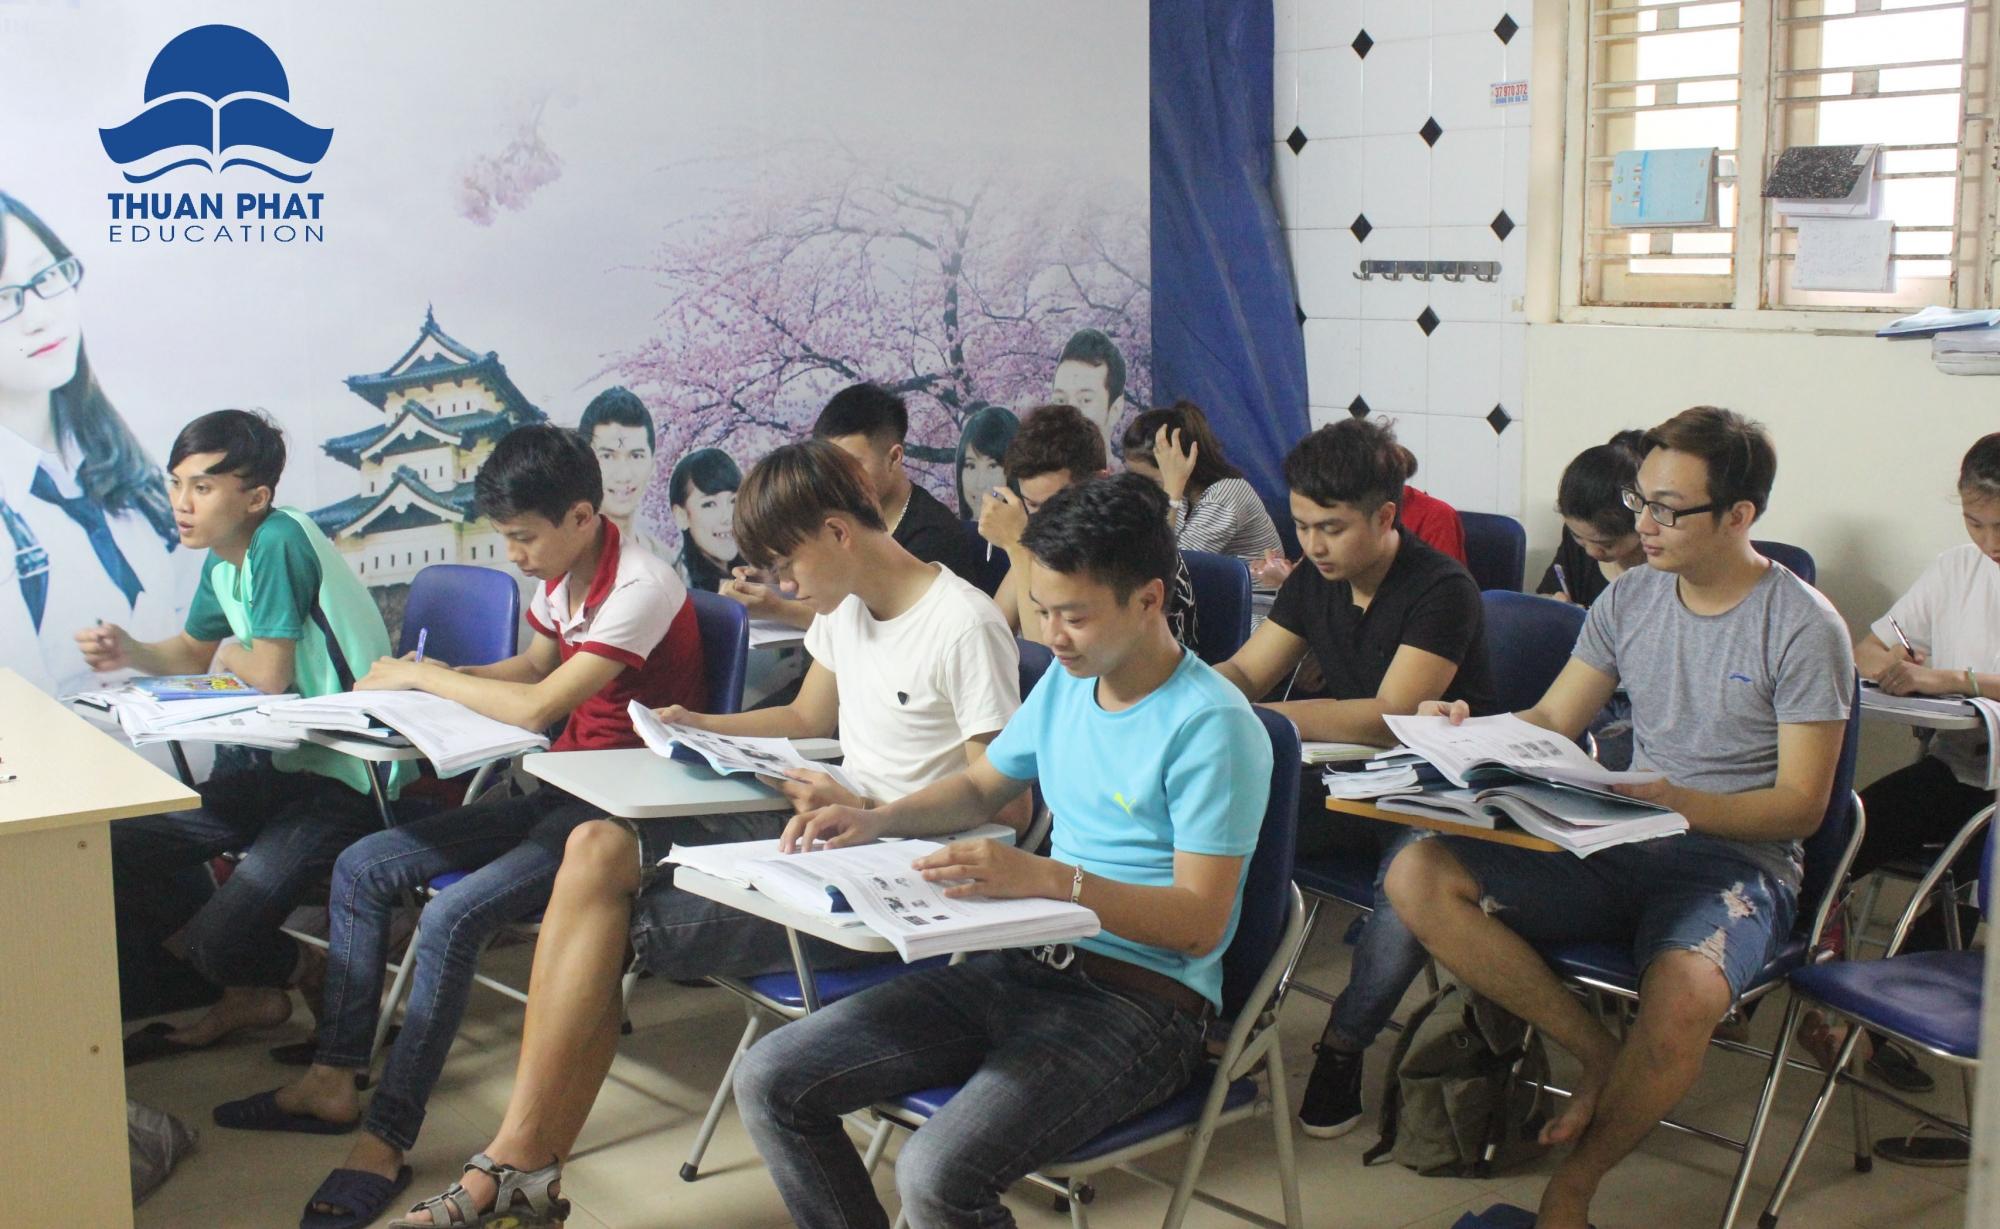 Lớp học và ký túc xá Thuận Phát EDU - Ngôi nhà kết nối những ước mơ